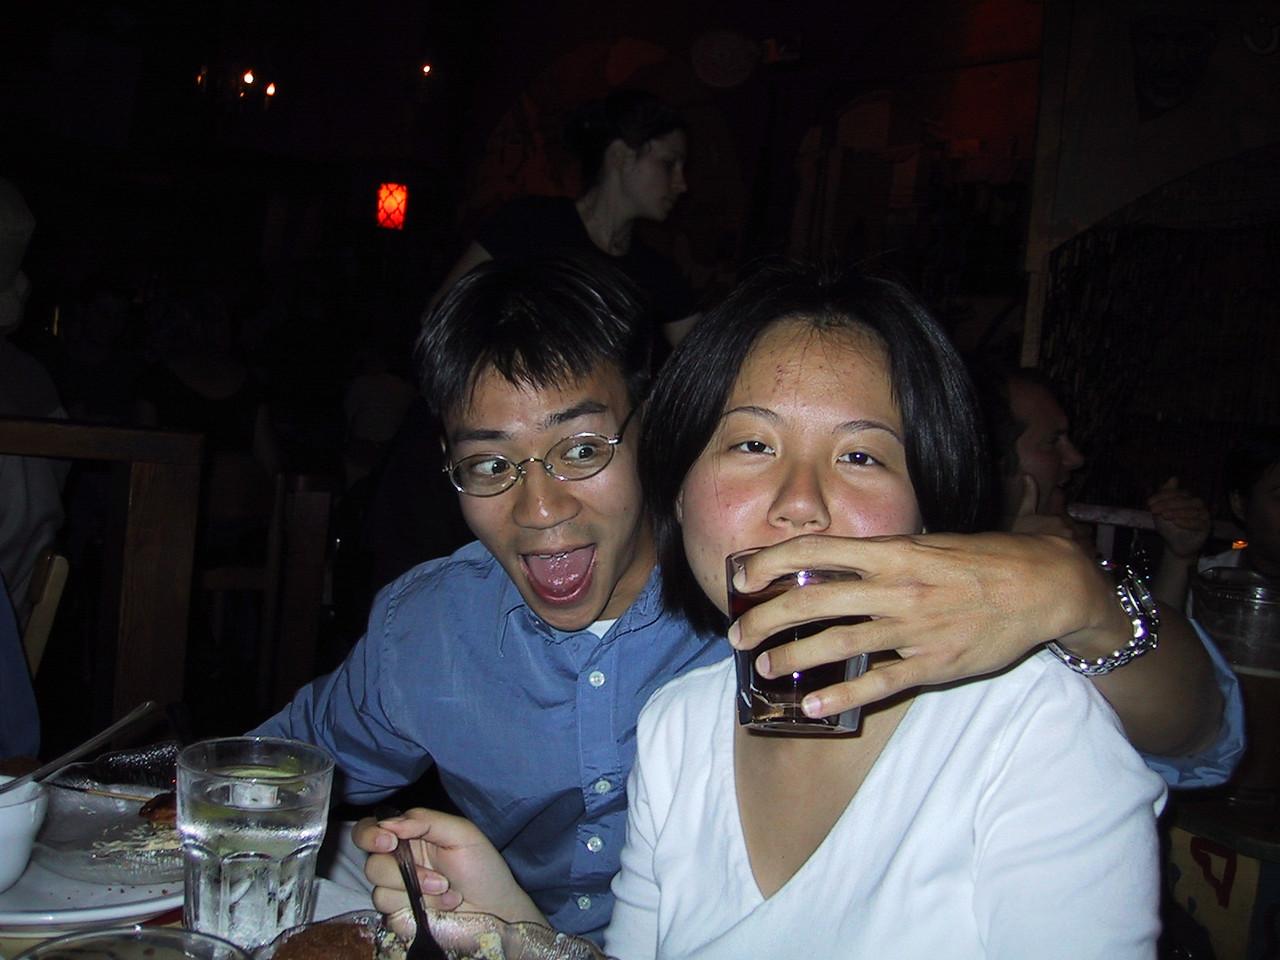 Ben getting Xiao-Wei drunk